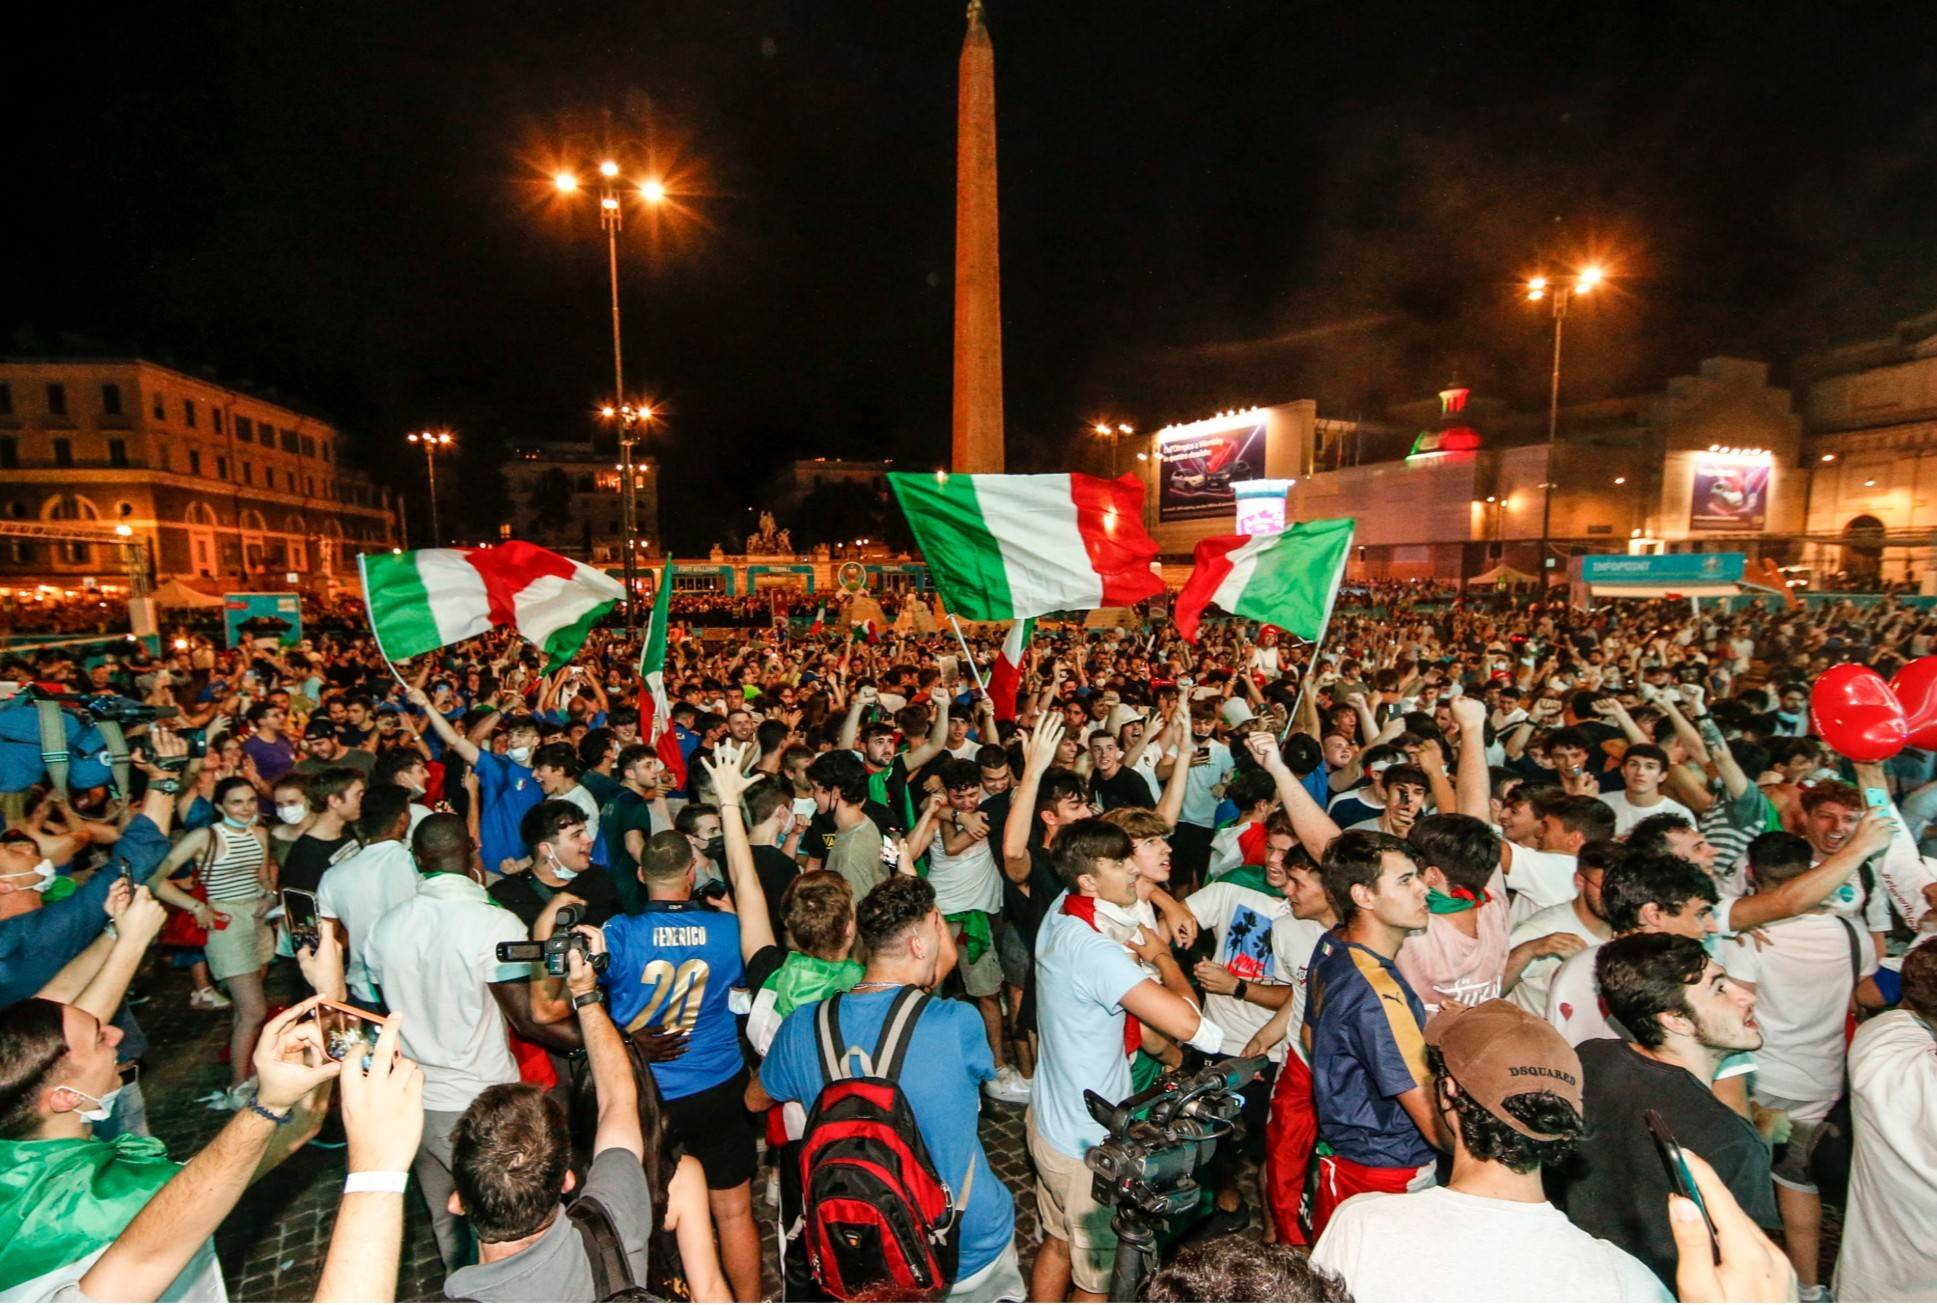 图片报将有1万名意大利球迷前往现场为球队加油助威